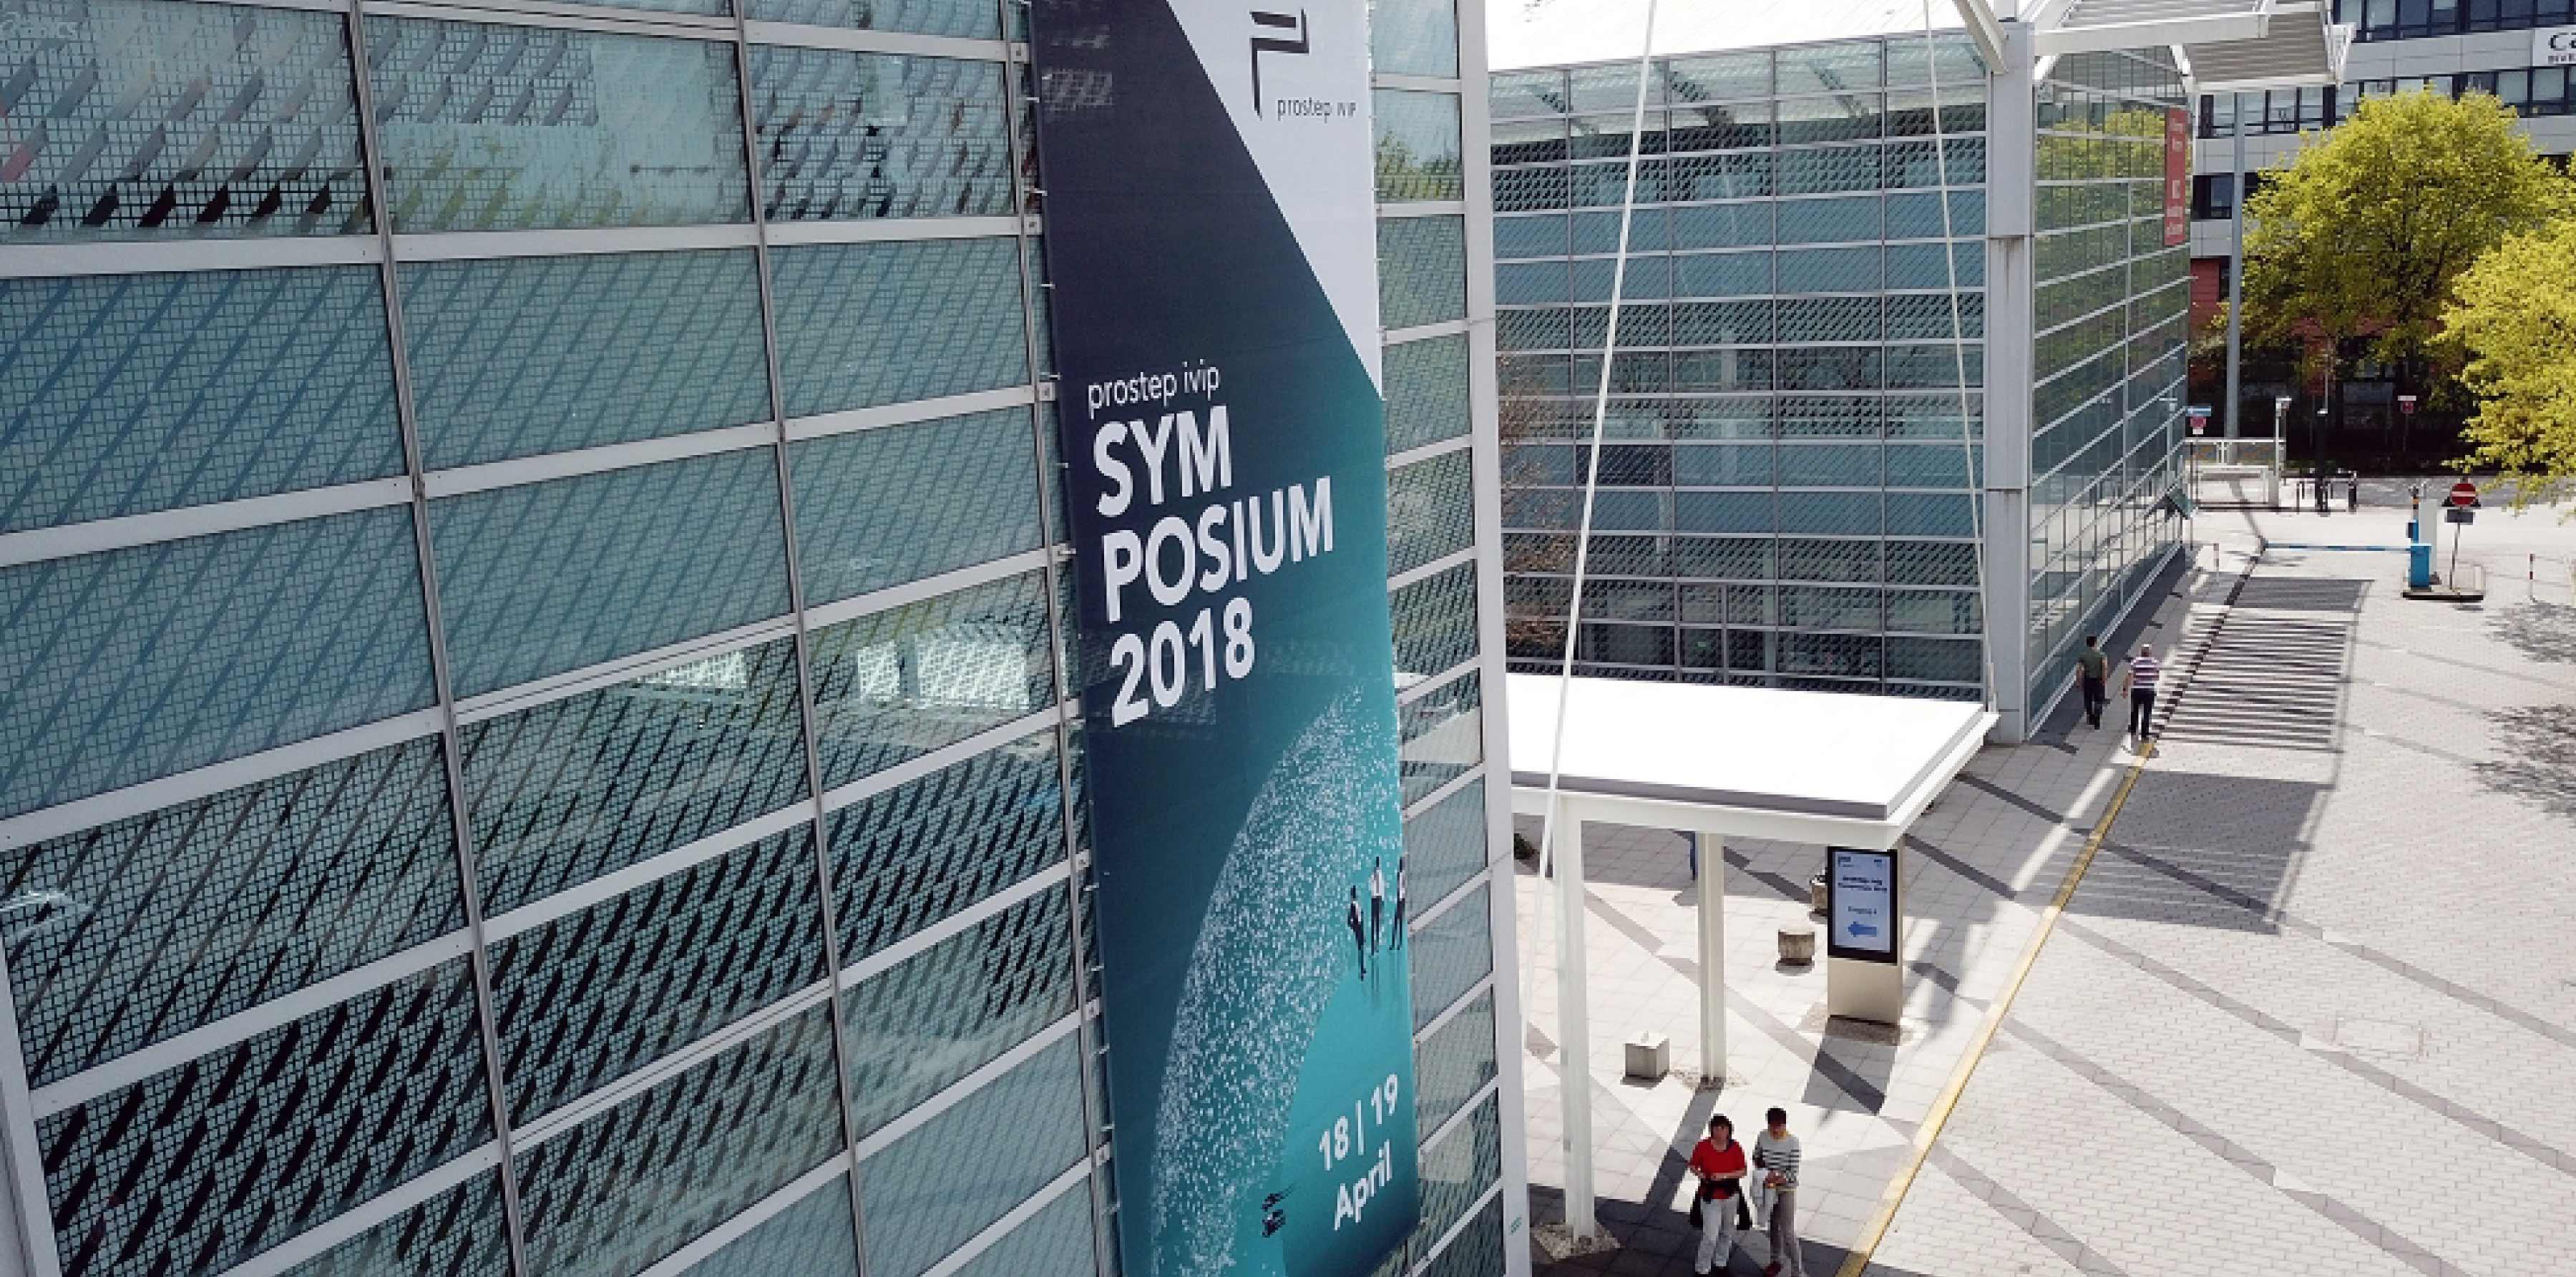 Aussenwerbung Plakat Design prostep ivip Symposium 2018